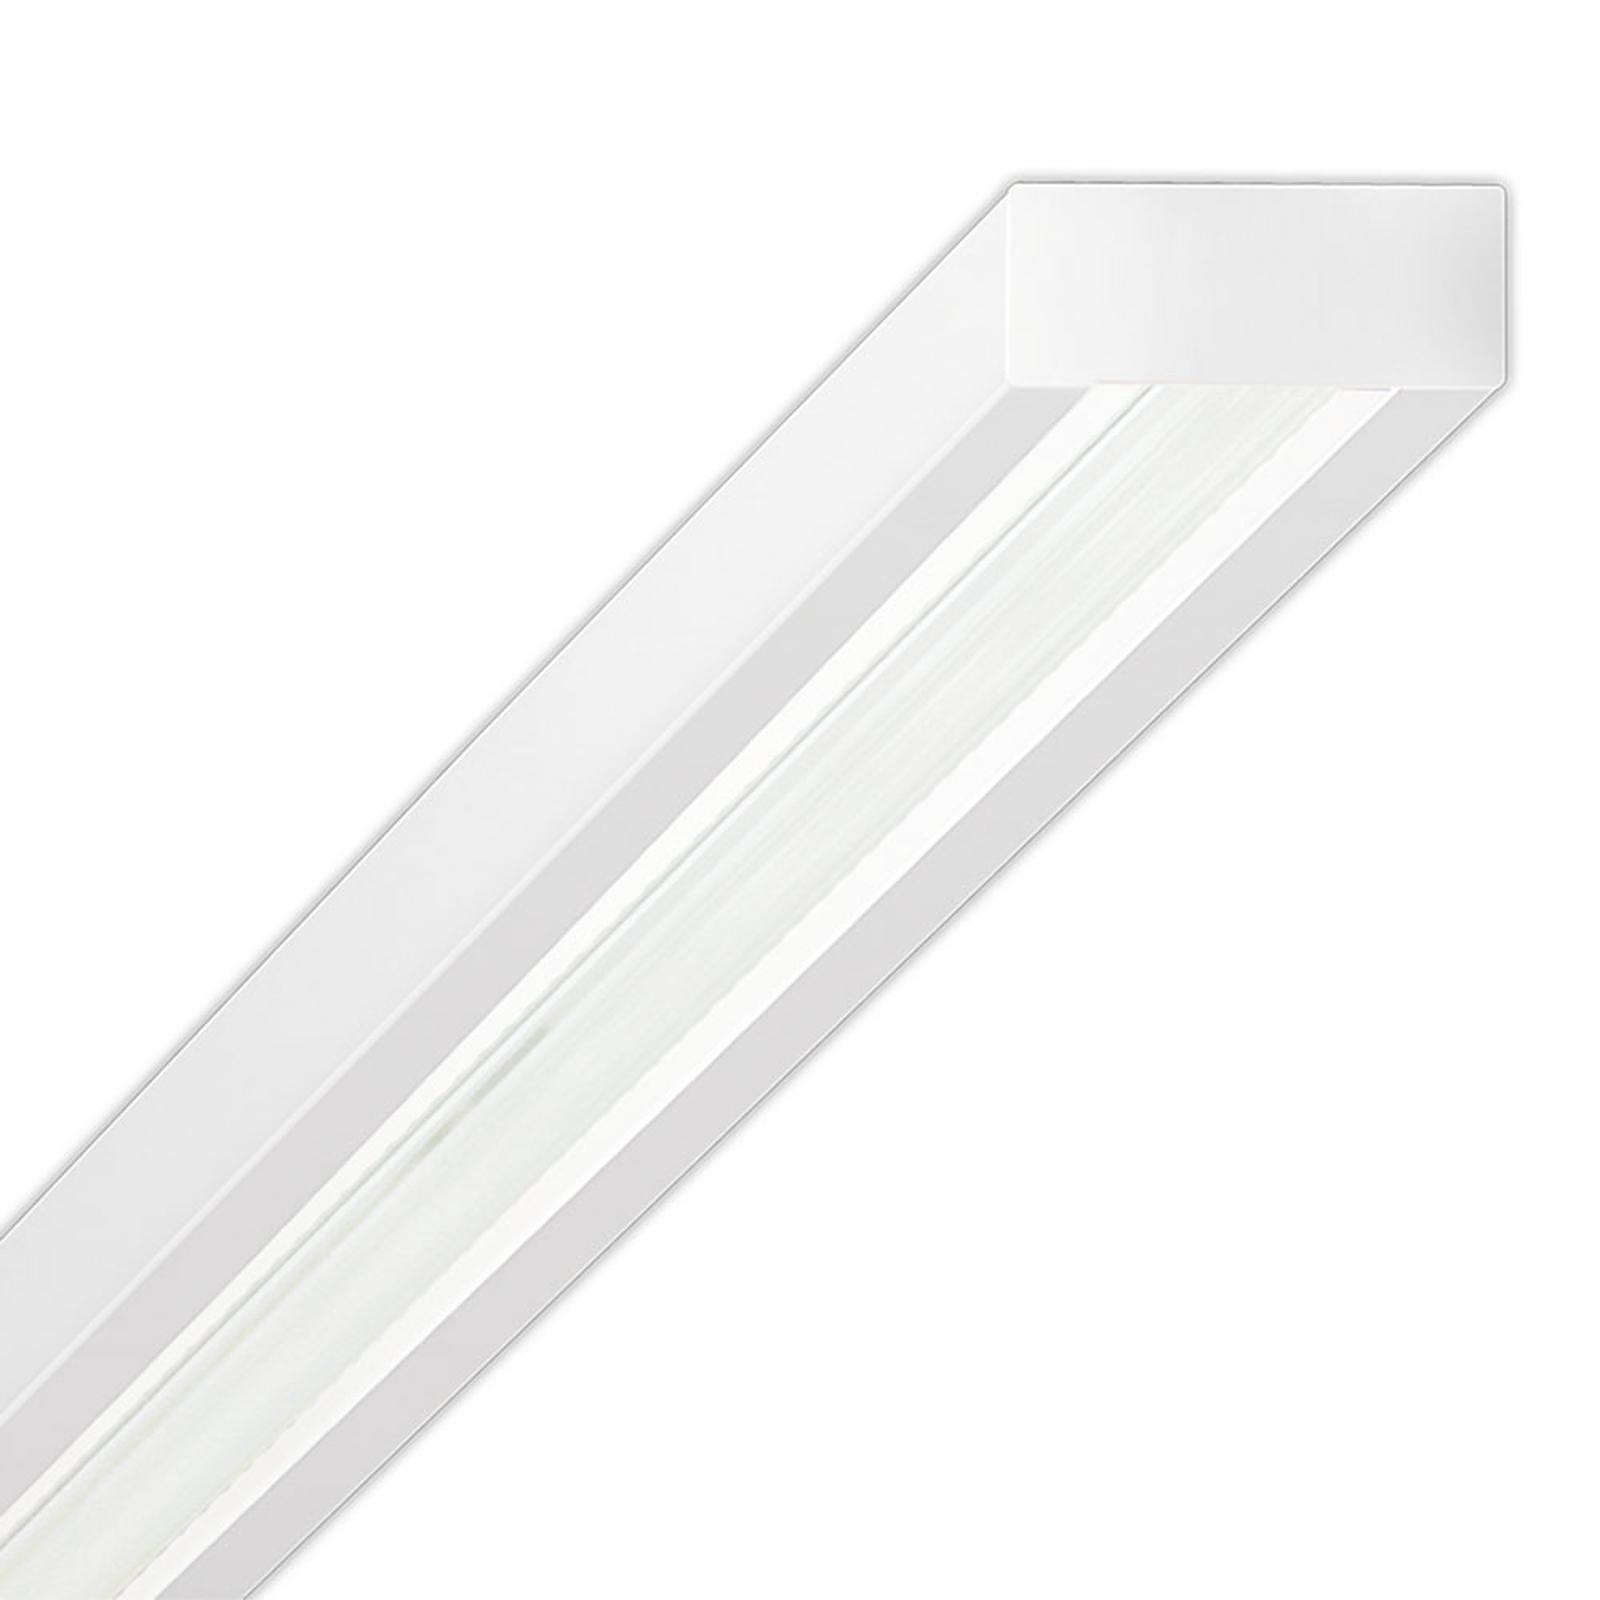 Lampa sufitowa LED procube-CUAWF/1500-1 Fresnel